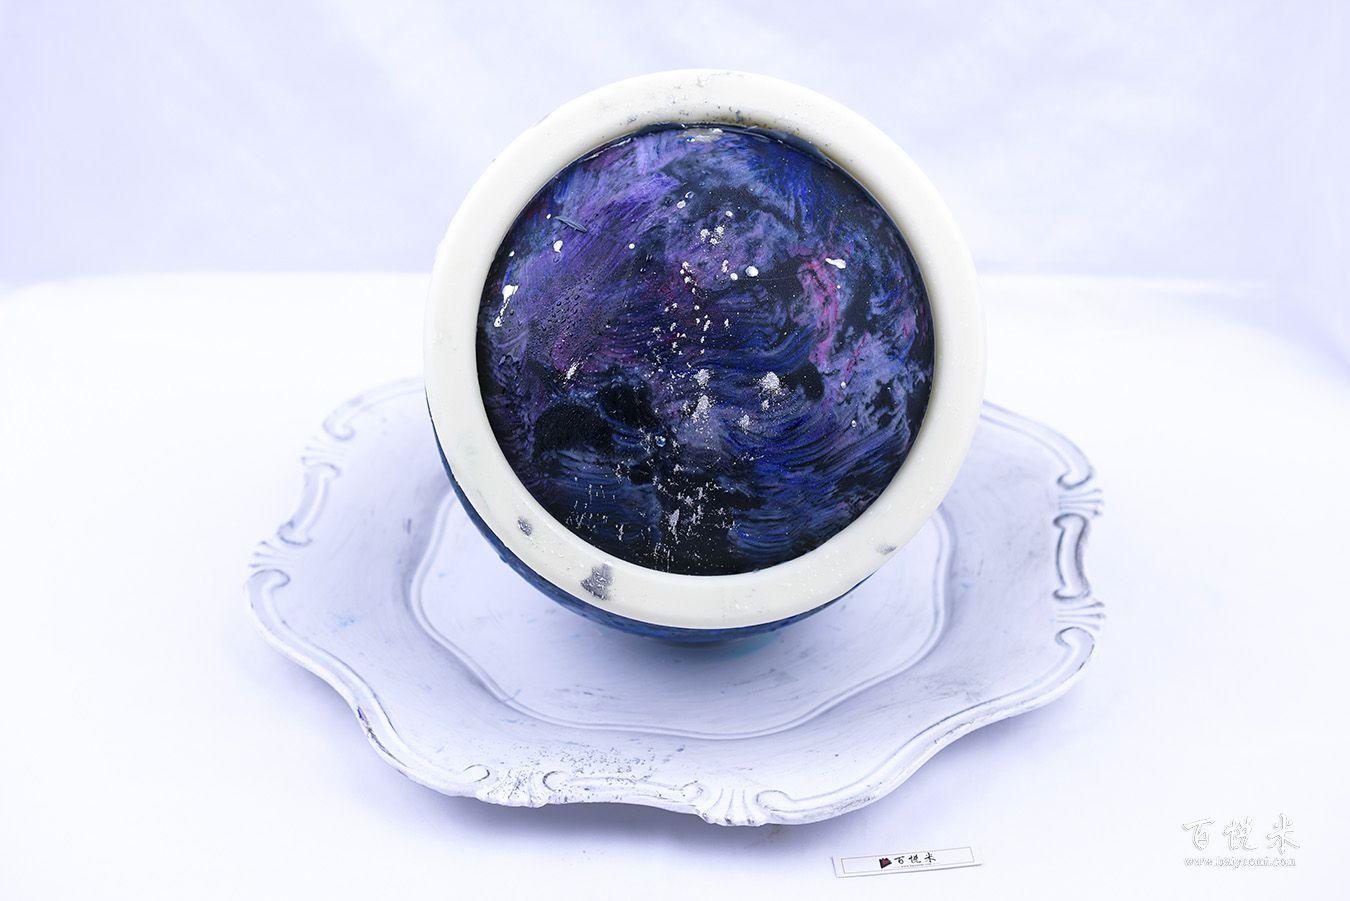 巧克力星球高清图片大全【蛋糕图片】_1223